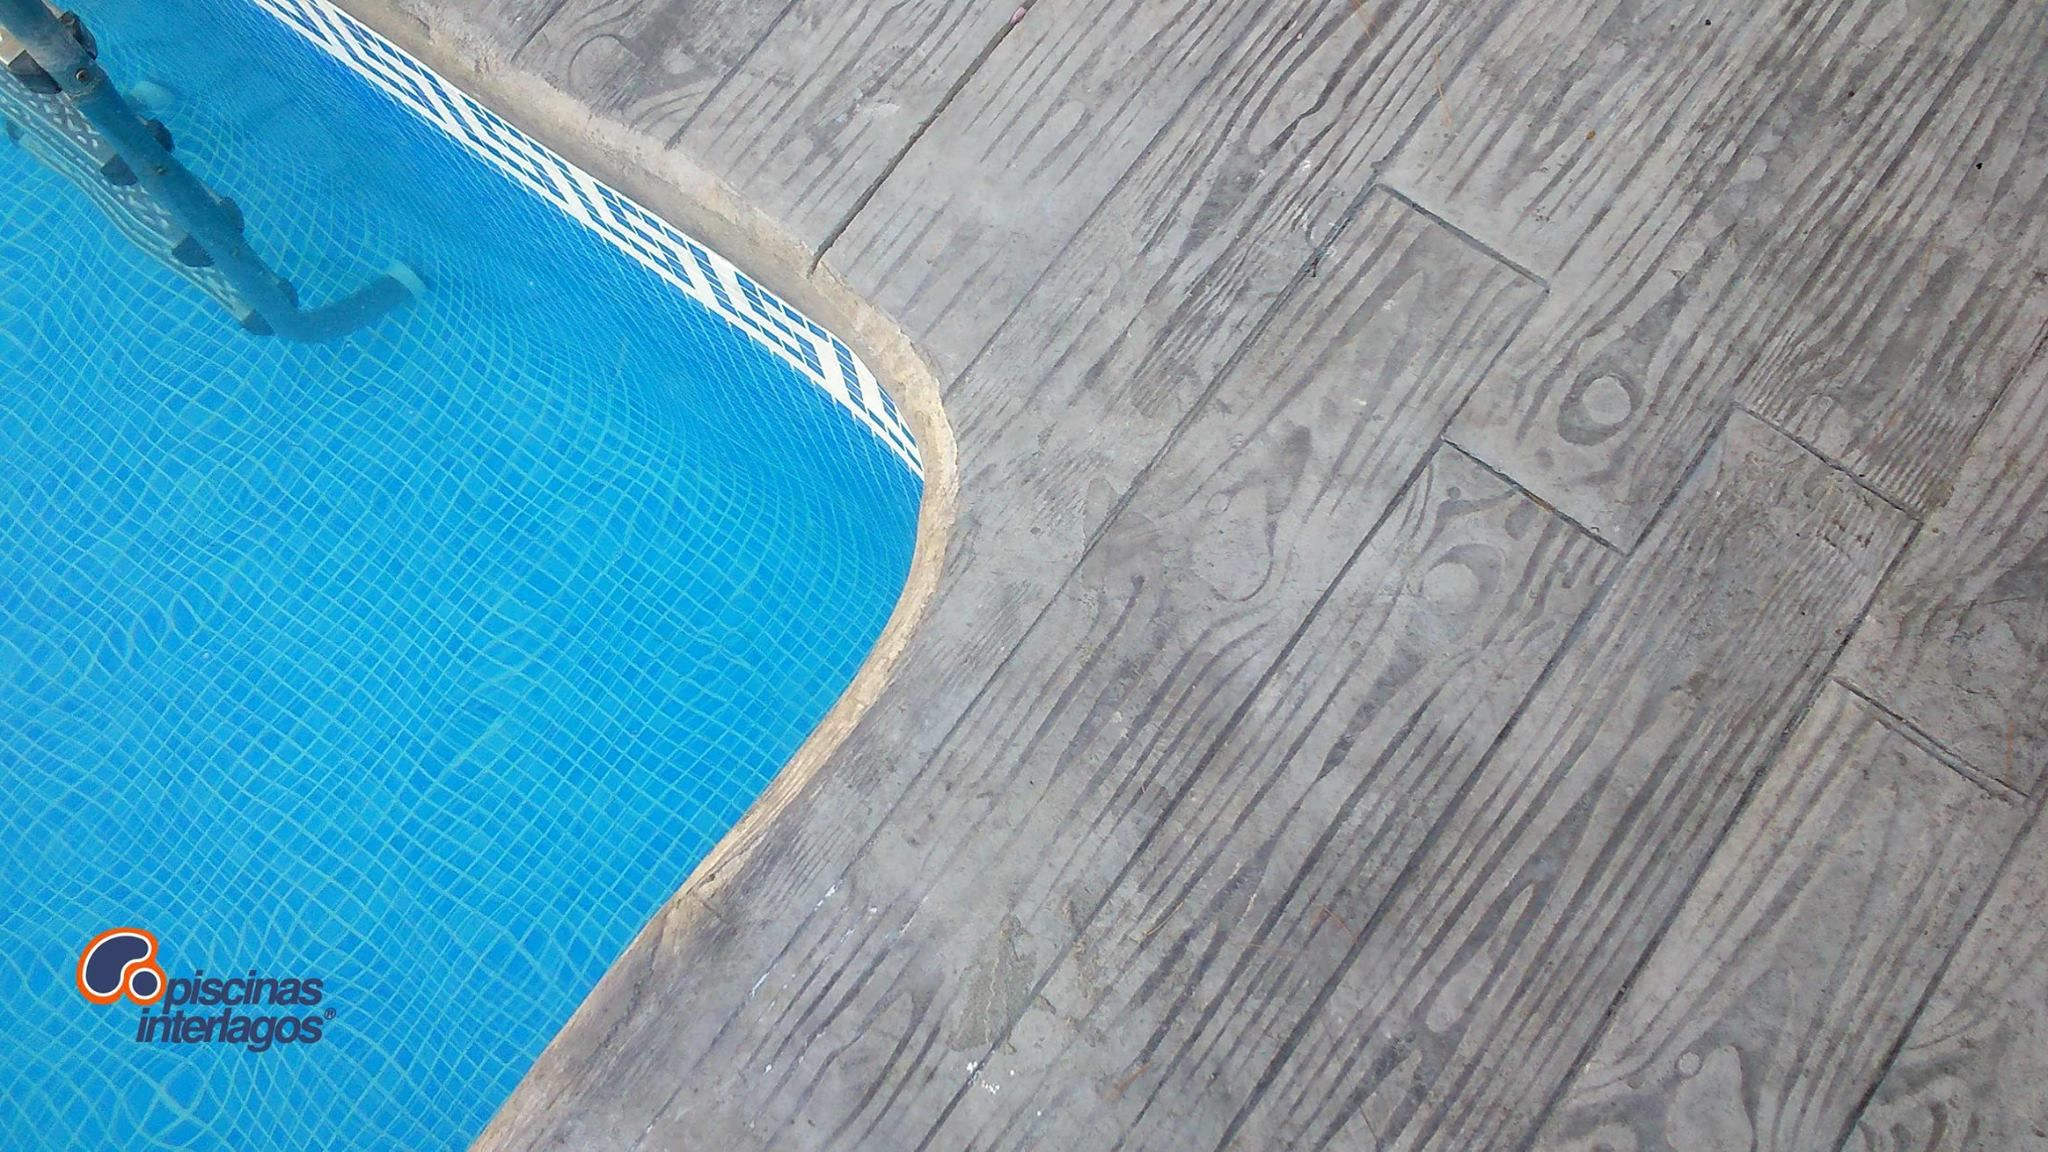 Detalle de madera impresa en el borde de la piscina coronaci n de piscinas pinterest - Coronacion de piscinas precios ...